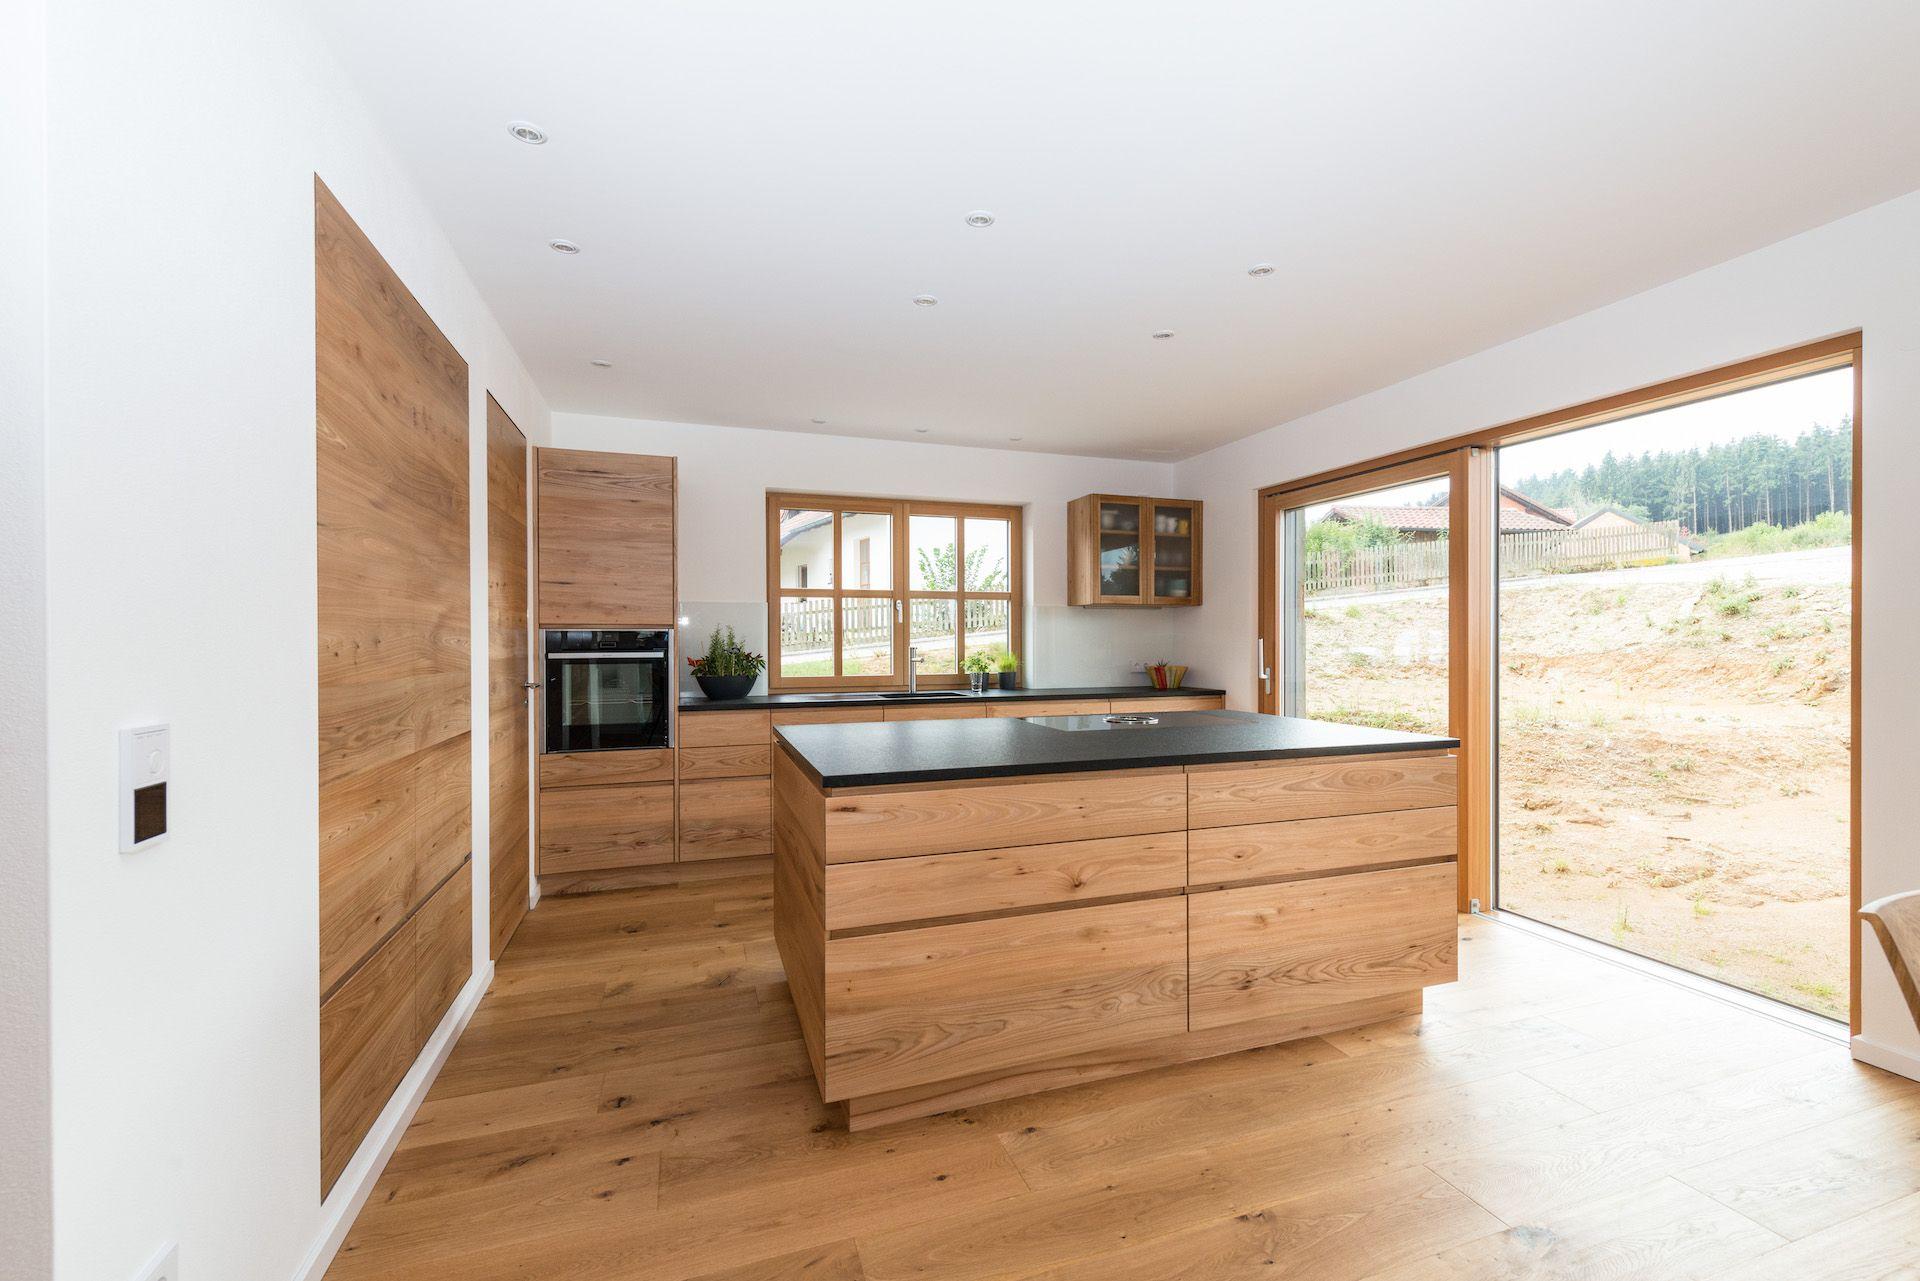 Photo of Una cucina in legno di olmo con frontali semplici e lisci. Il MA …